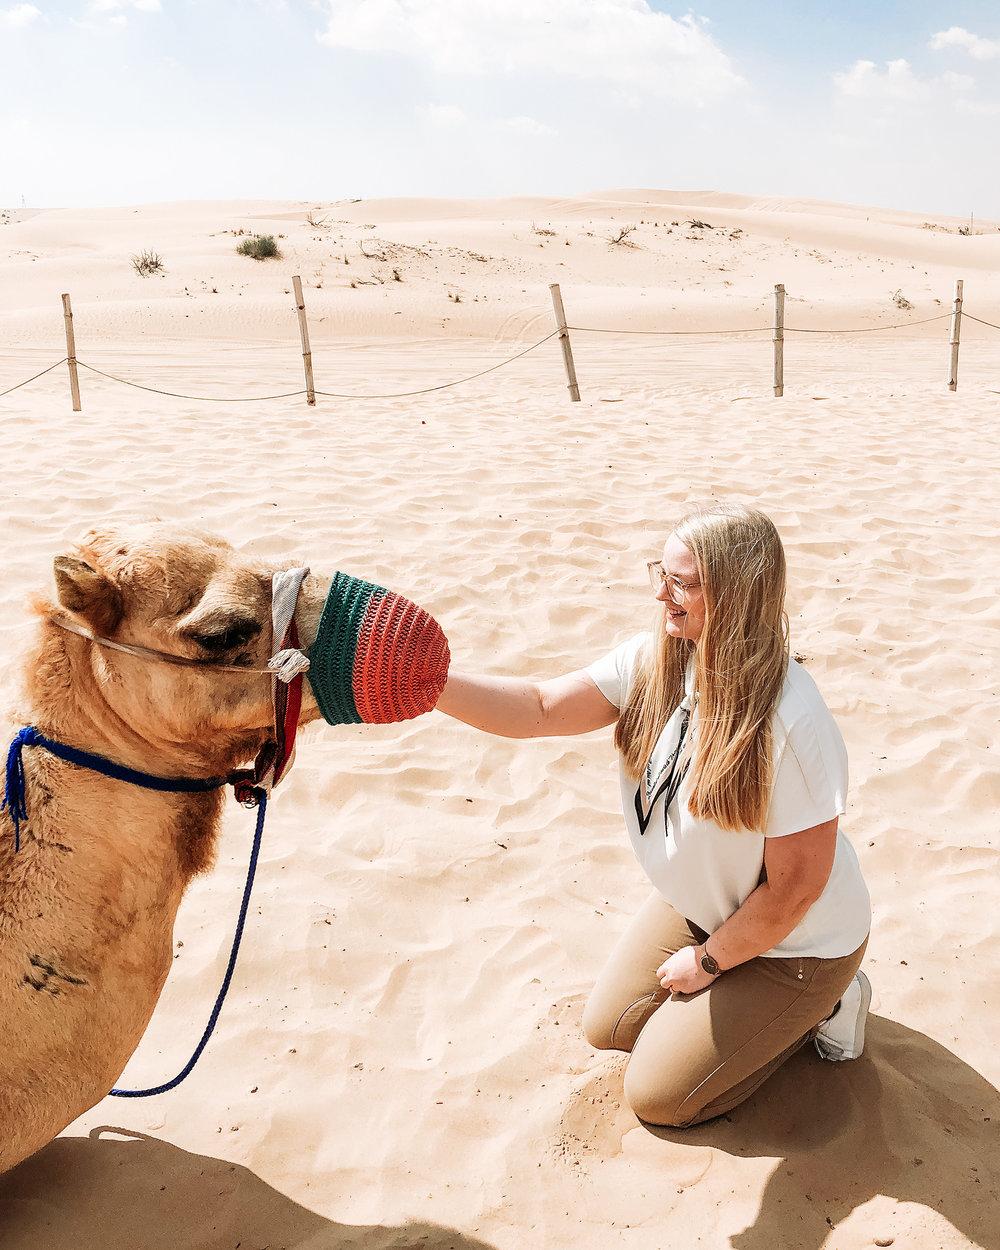 Dubai A-Ö   Dubai reseguide   Travel Guide Dubai   Dubai desert   By Sandramaria   Sandramarias.com